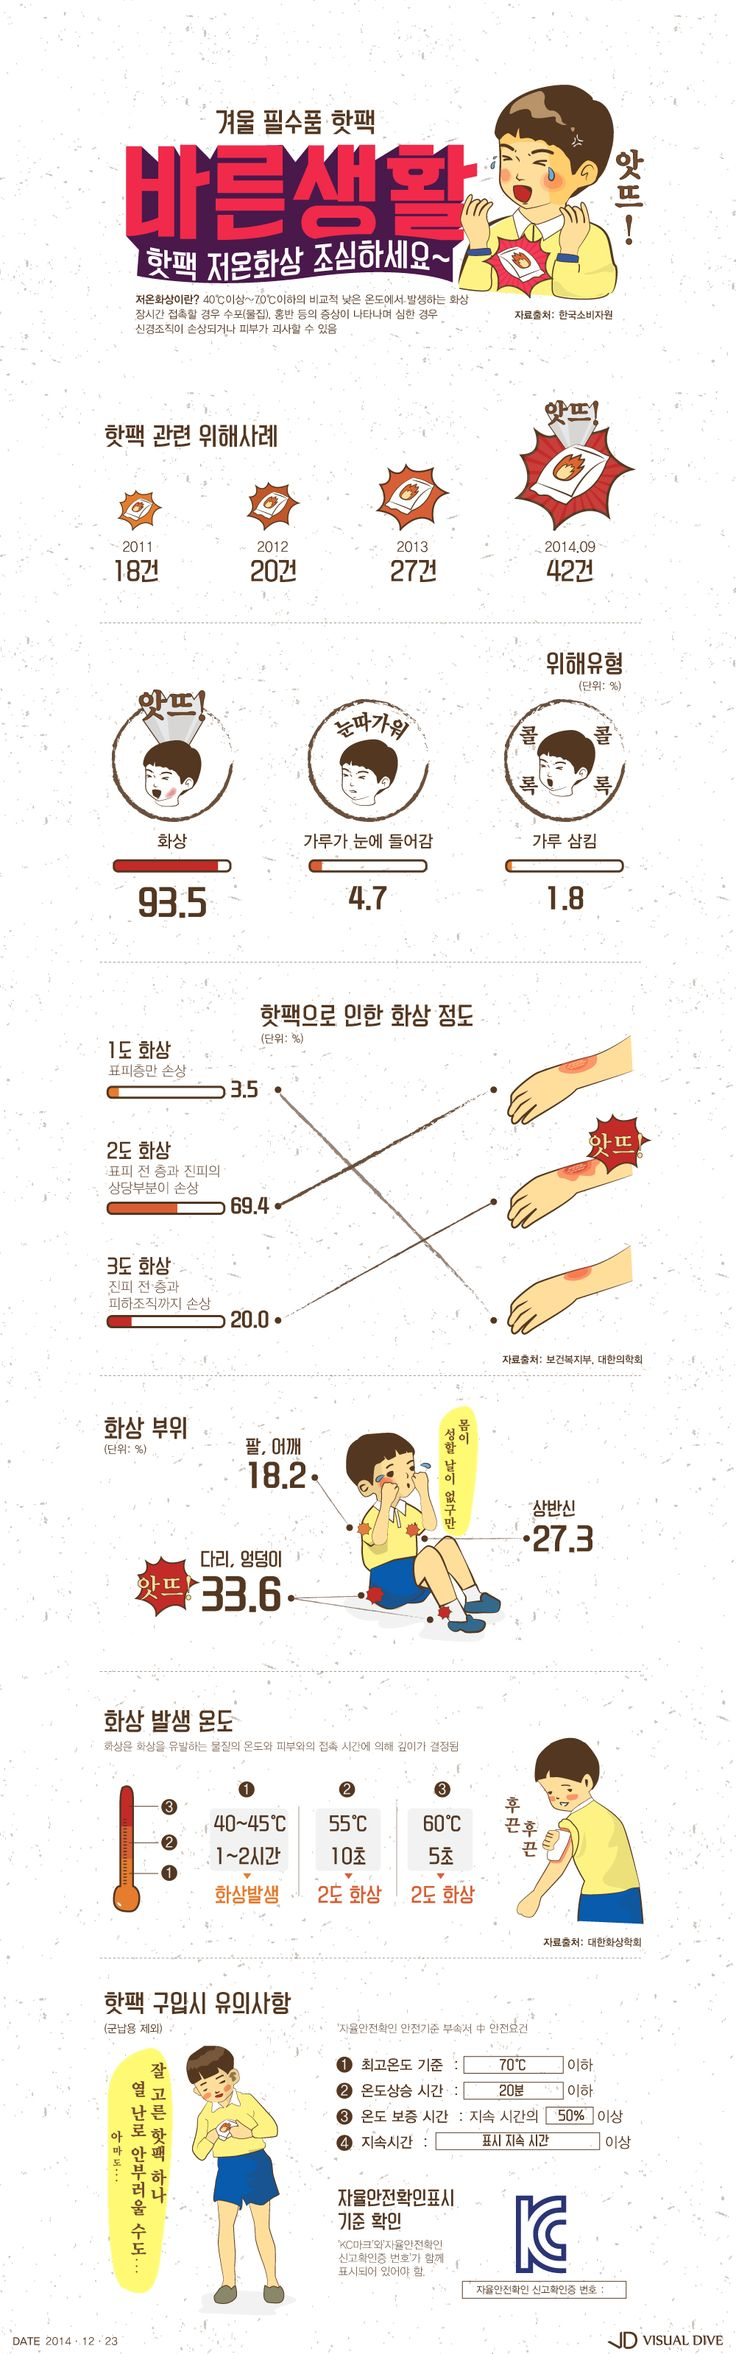 '핫팩' 화상 피해, 매년 늘어…구입 시 유의사항 필독! [인포그래픽] #Hotpack / #Infographic ⓒ 비주얼다이브 무단 복사·전재·재배포 금지